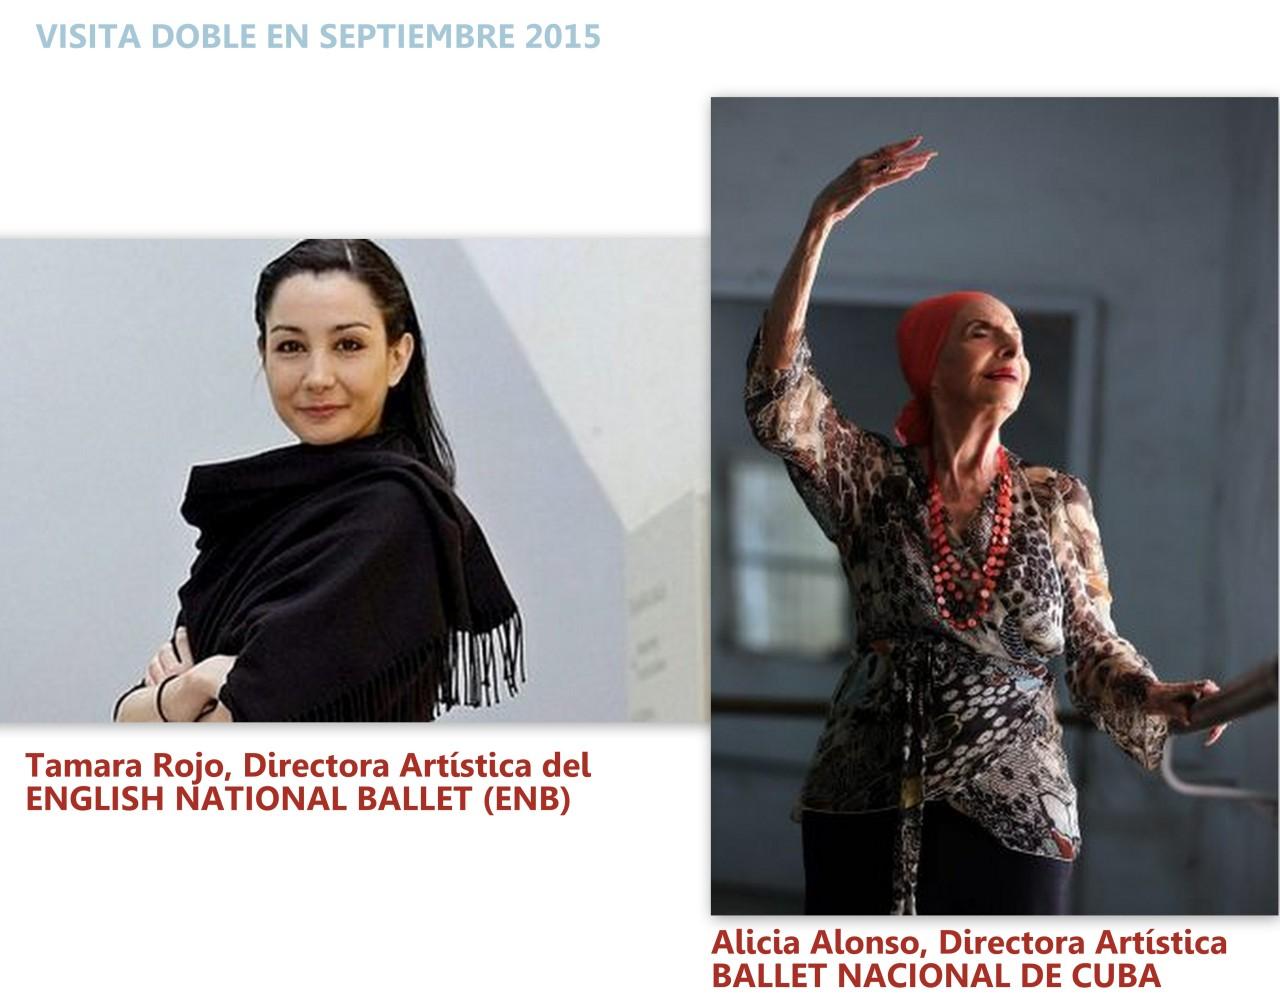 Dos grandes directoras artísticas de ballet nos deleitarán mañana a la vez en Barcelona y Madrid, Tamara Rojo y Alicia Alonso, y ésta última iniciará una gira de 3 meses de Ballet Nacional de Cuba enEspaña